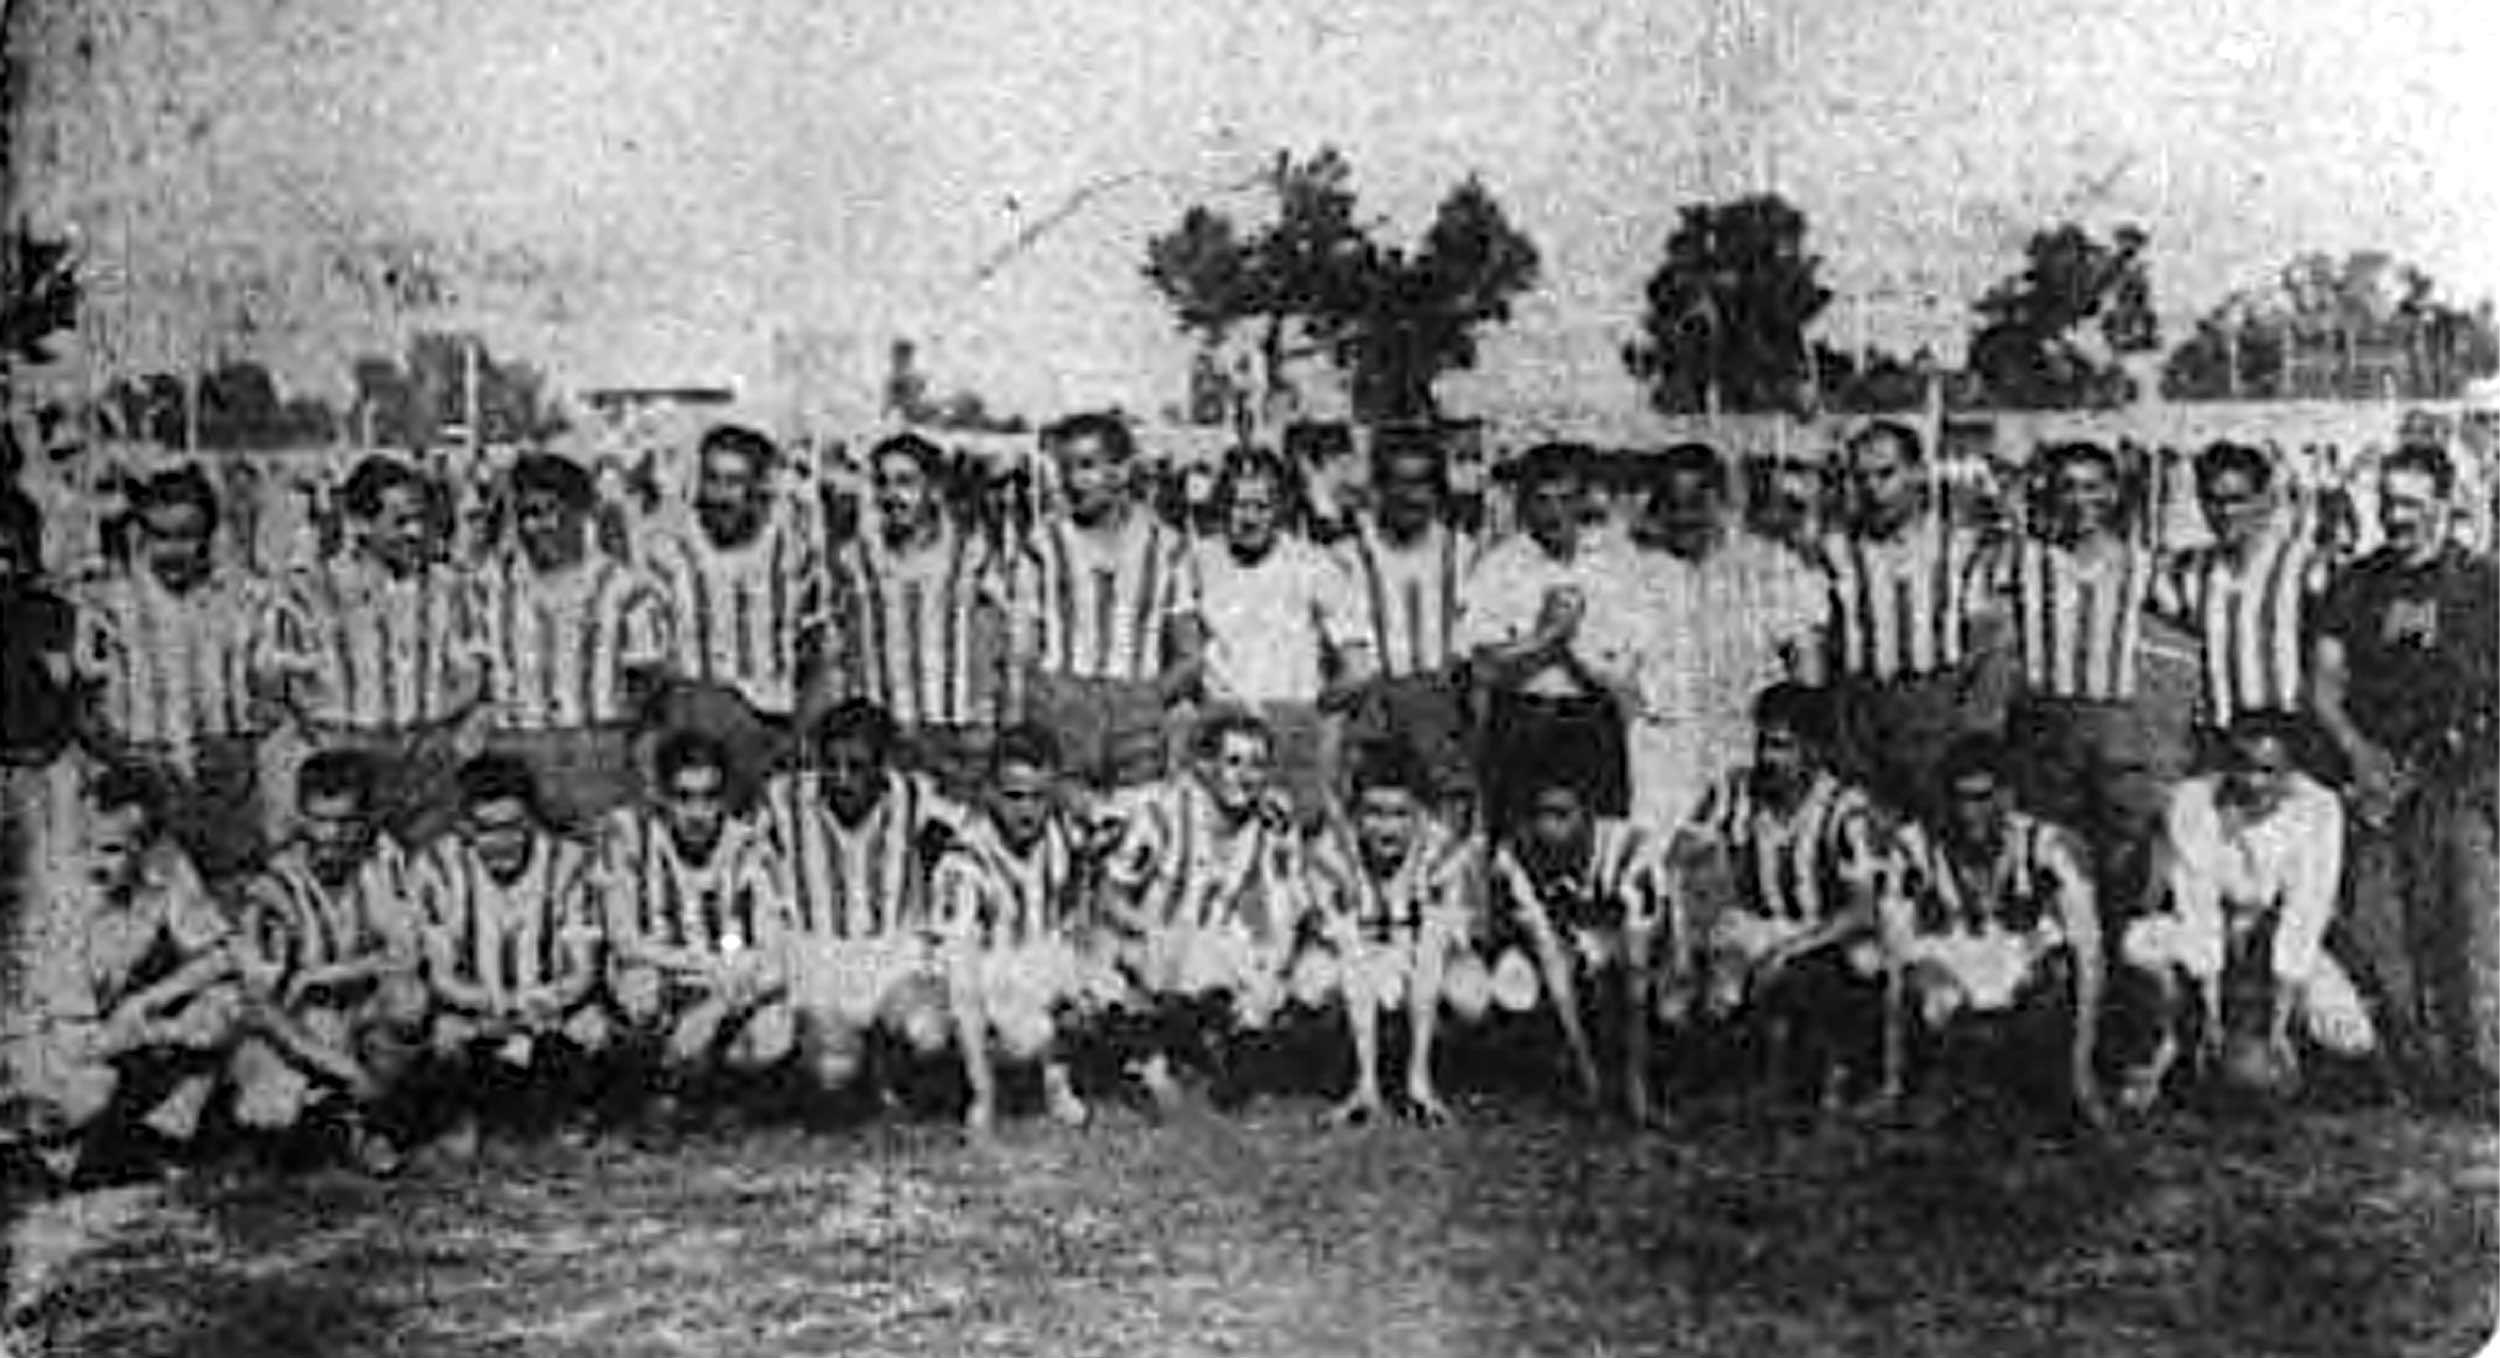 Talleres y un triunfo que se hizo esperar 65 años en Mendoza